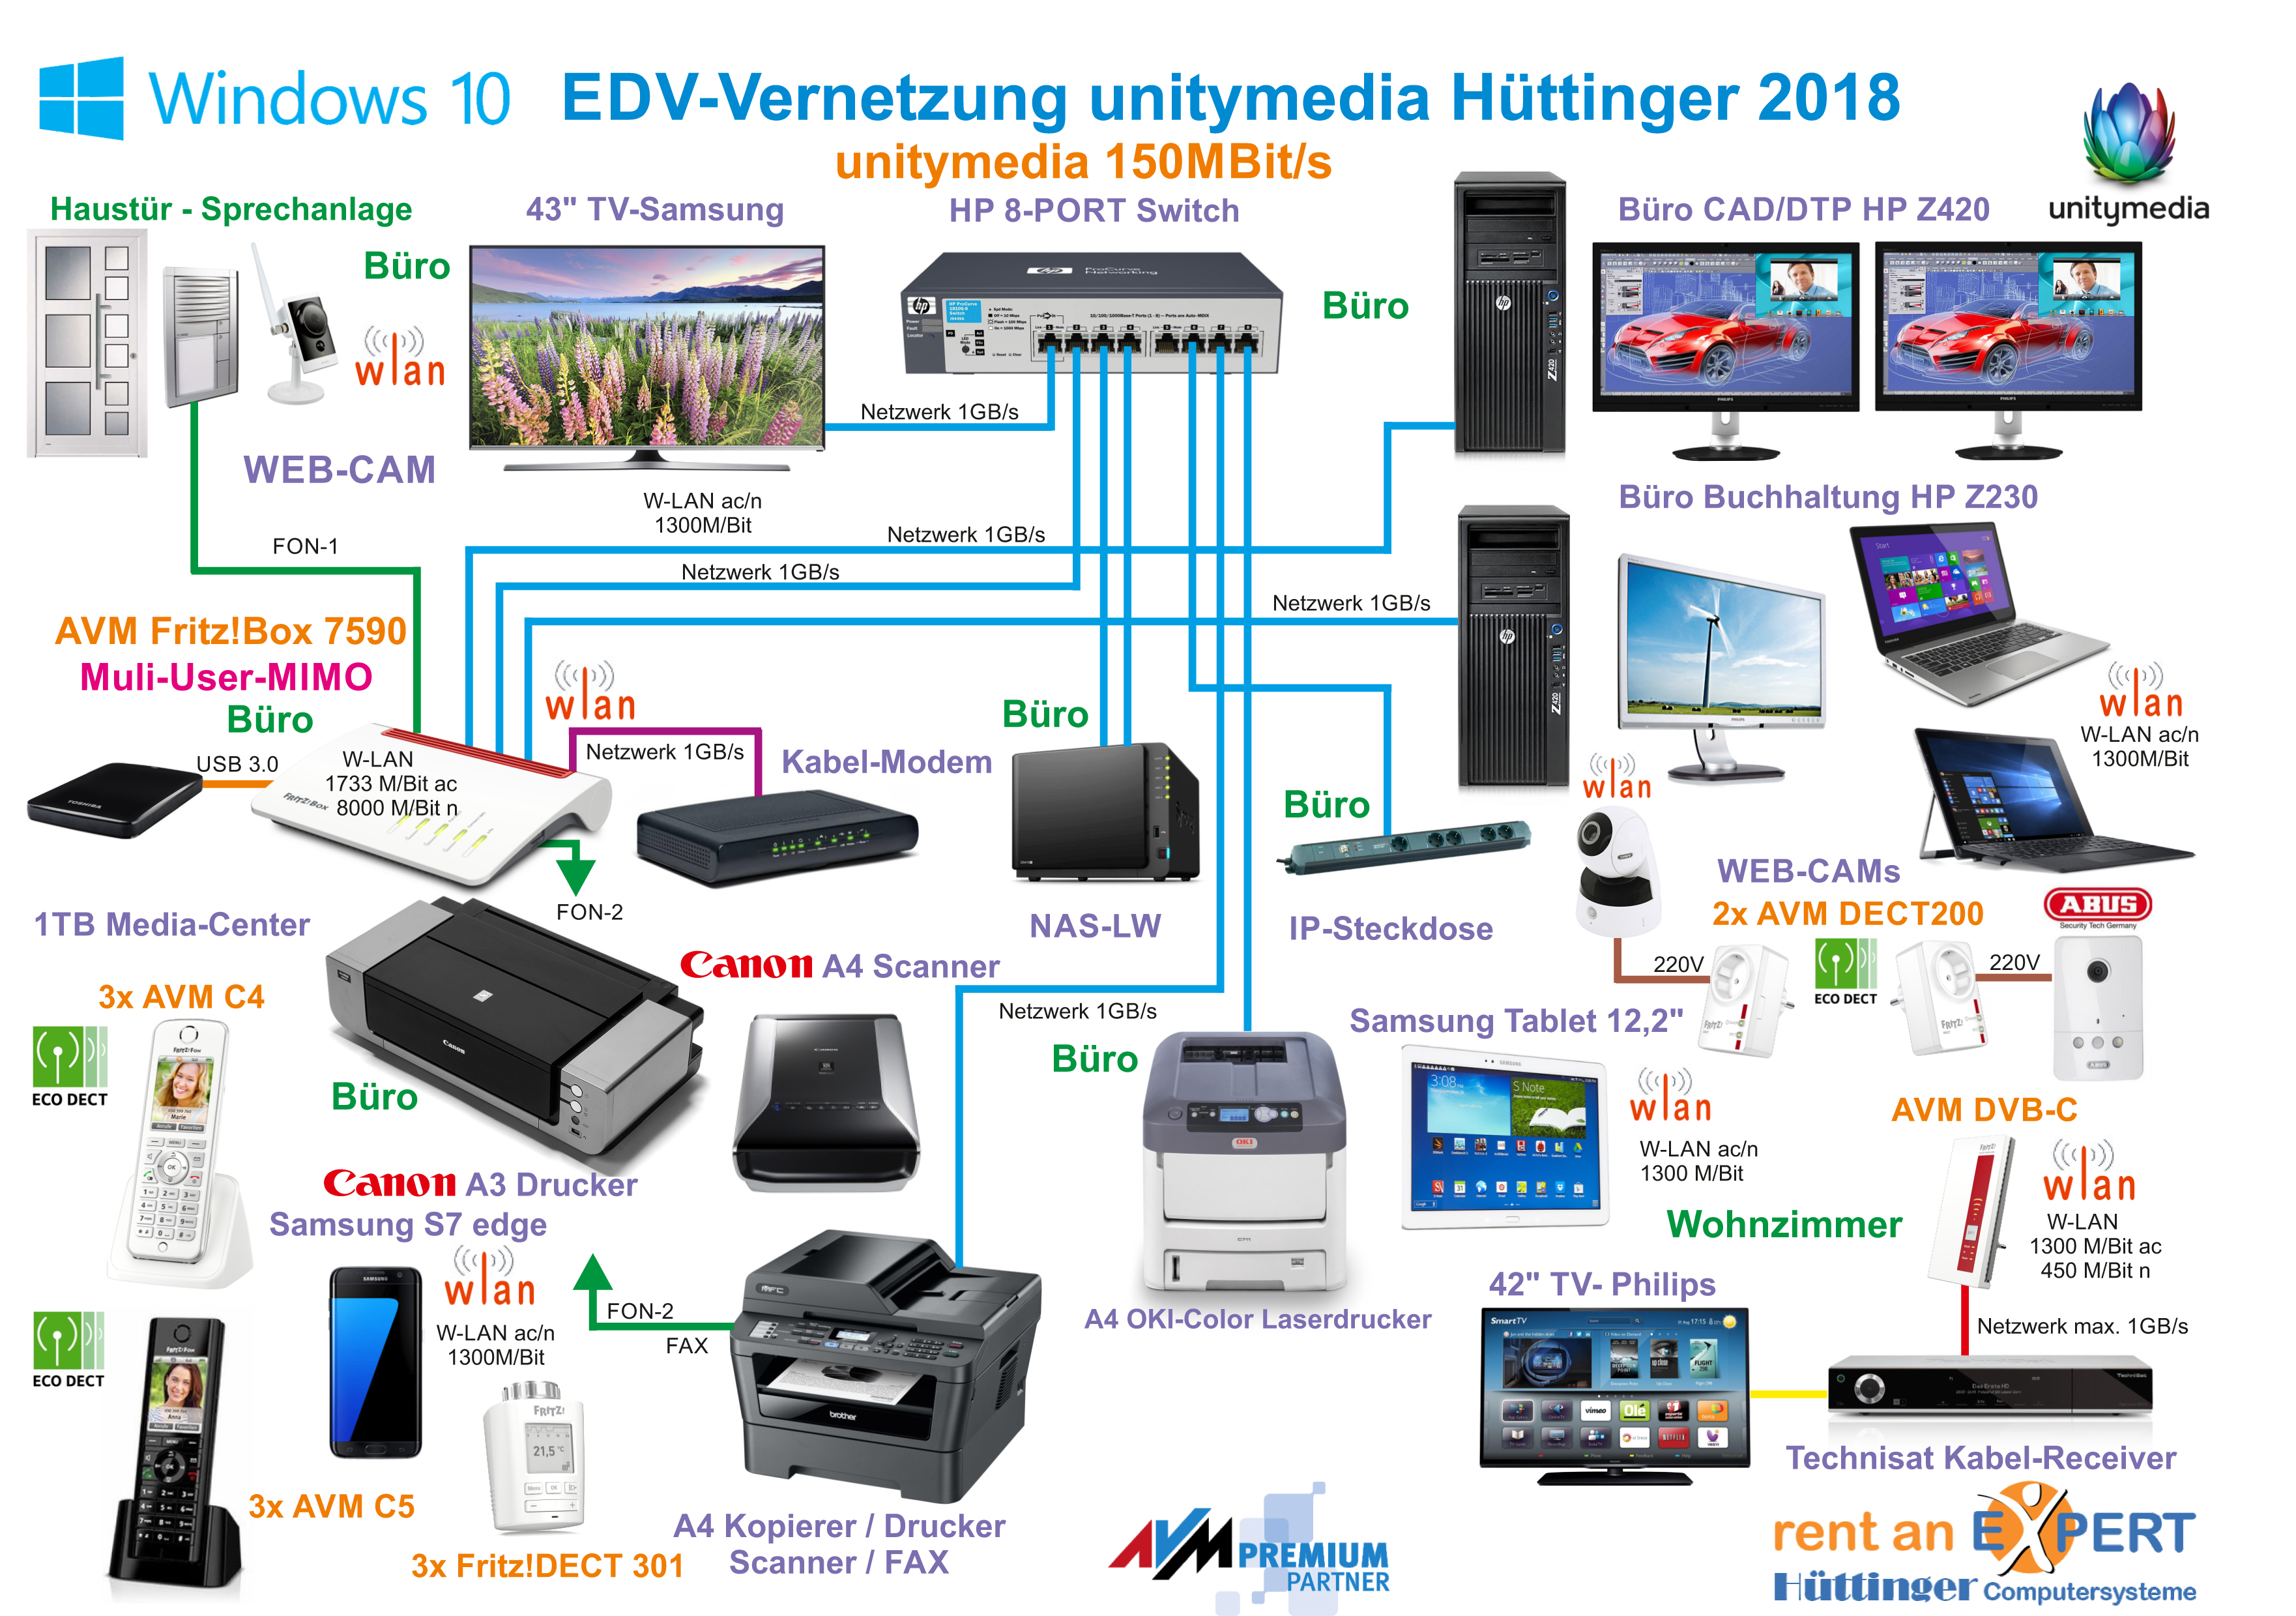 Beispiel EDV-Vernetzung Hüttinger Computersysteme 2018